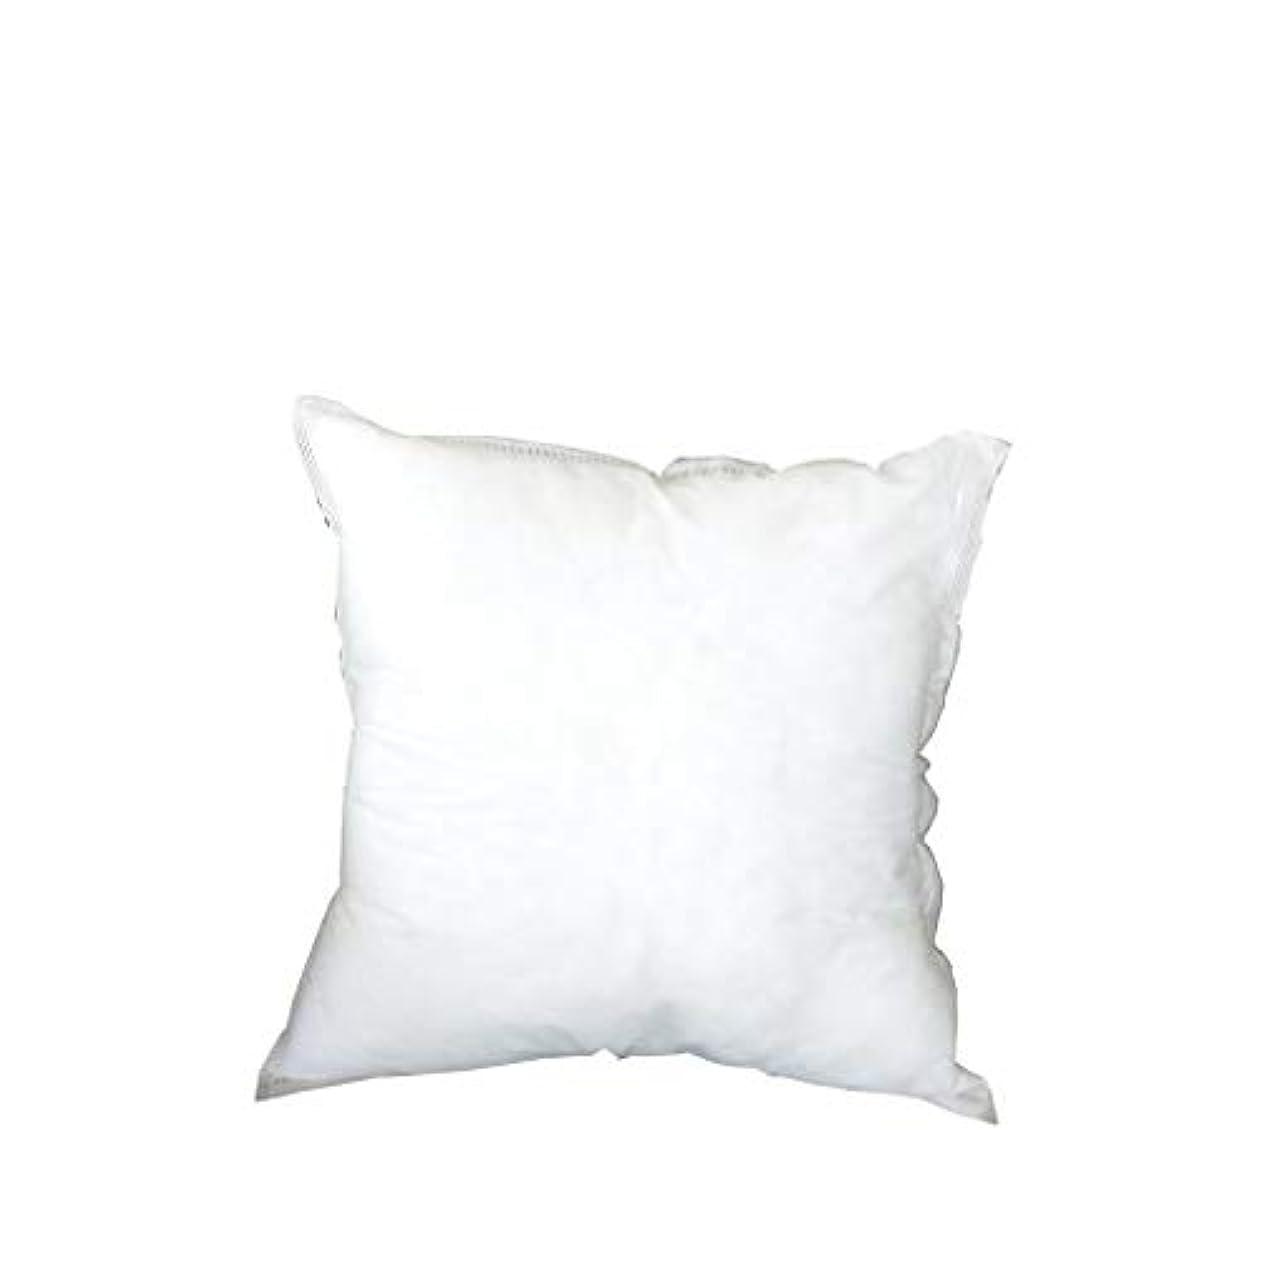 酒曲もLIFE 寝具正方形 PP 綿枕インテリア家の装飾白 45 × 45 車のソファチェアクッション coussin decoratif 新 クッション 椅子